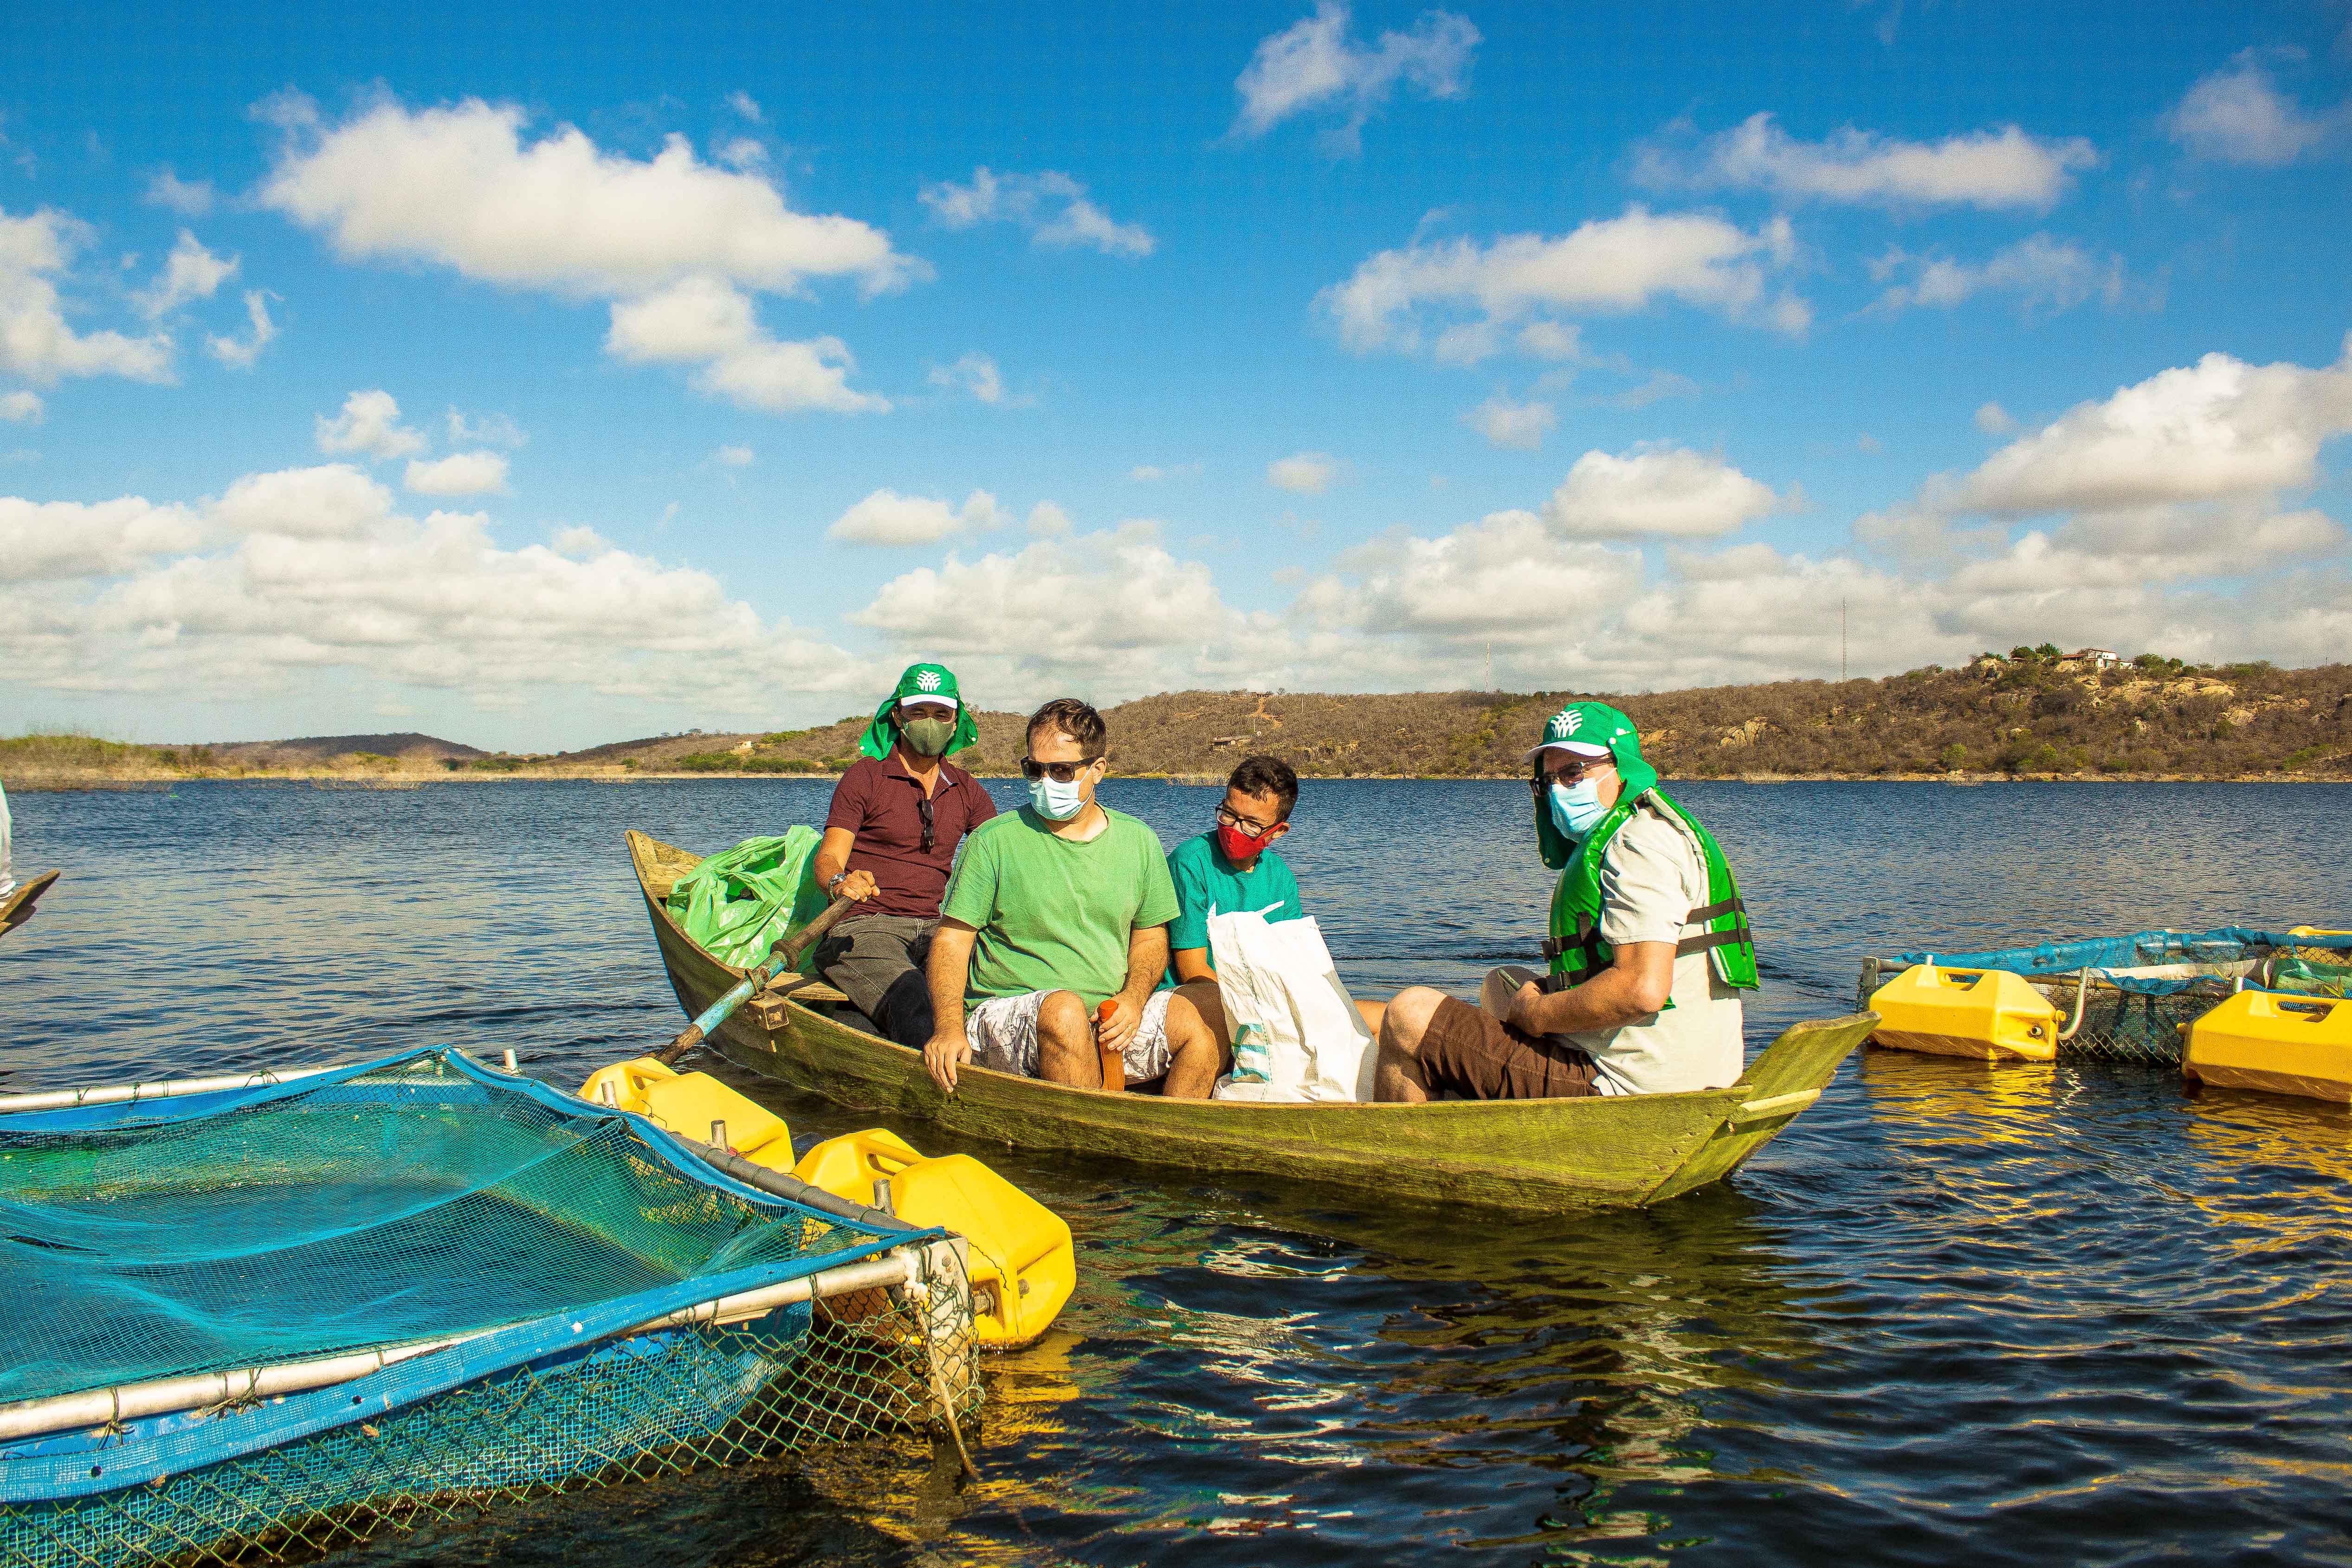 2021-09-17-e-19-curso-piscicultura-francisco-cesar-4478.jpg